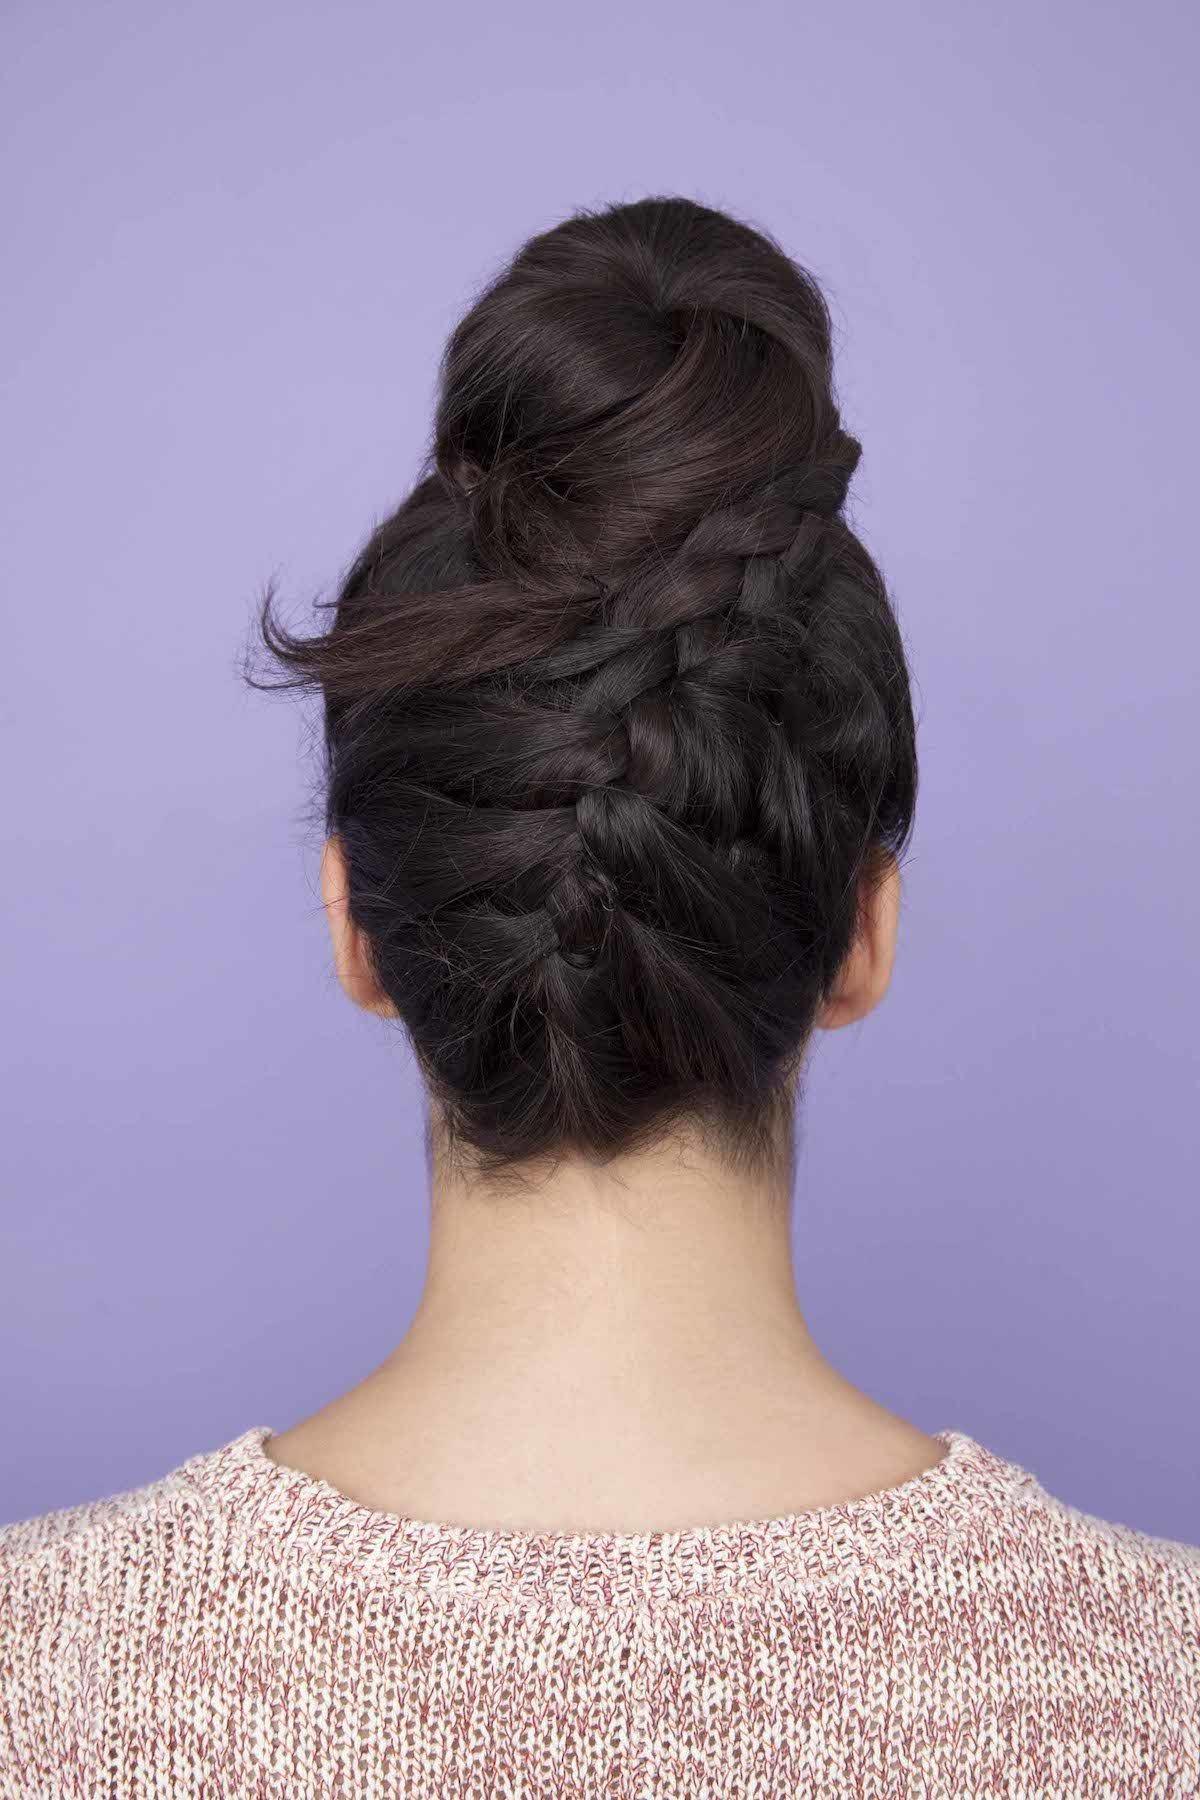 Wanita kaukasia dengan model kepang untuk pesta upside down braid